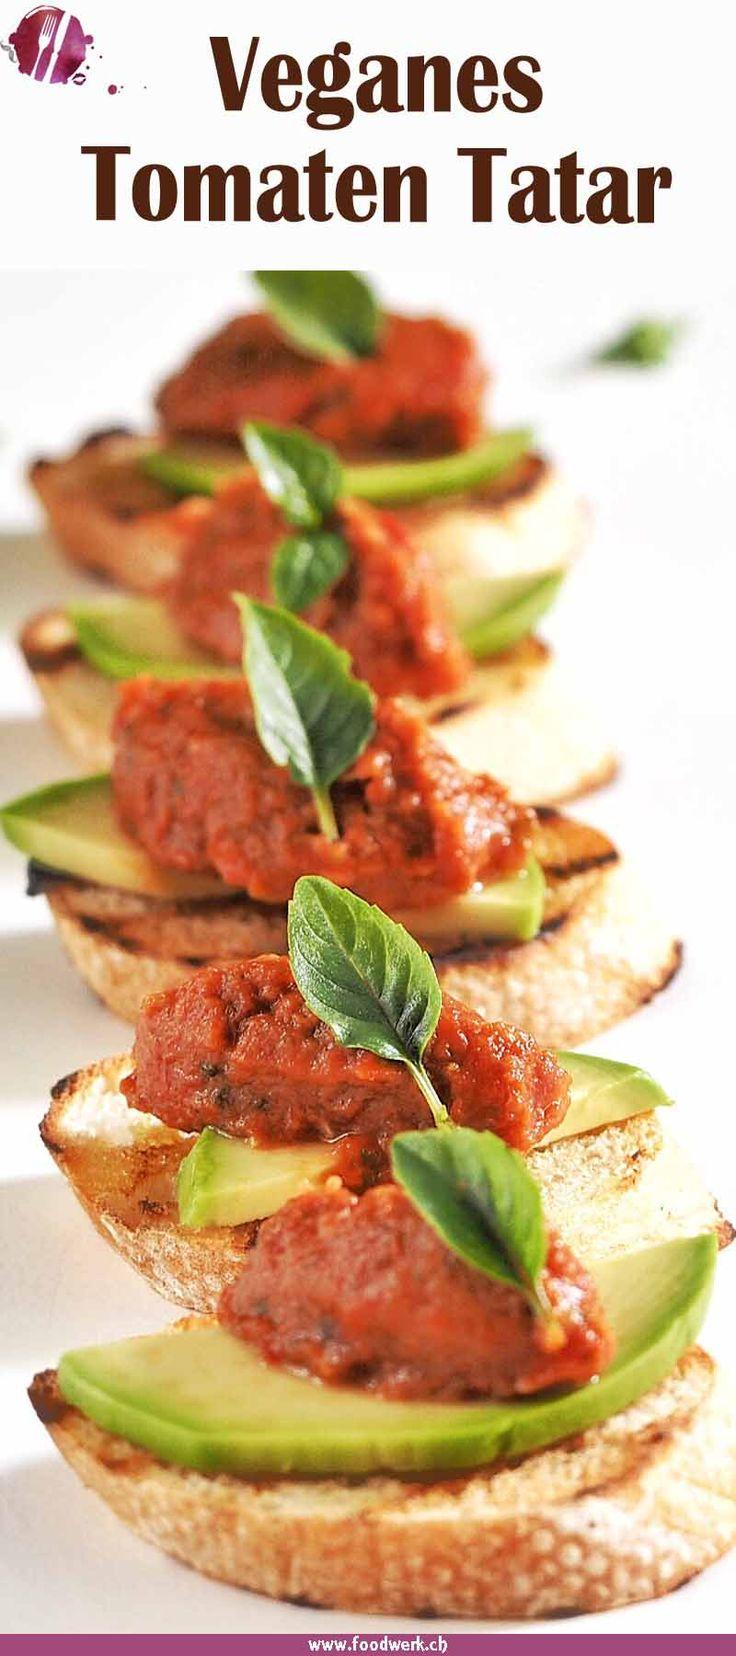 Dieses Tomatentatar ist wahnsinnig variabel. Ob ihr das Tatar scharf oder mild mögt, könnt ihr selber bestimmen. Ihr könnt es als Hauptspeise, Vorspeise oder als Snack anbieten. Die sonnen gereiften Tomaten versprühen den Geschmack des Sommer's und laden